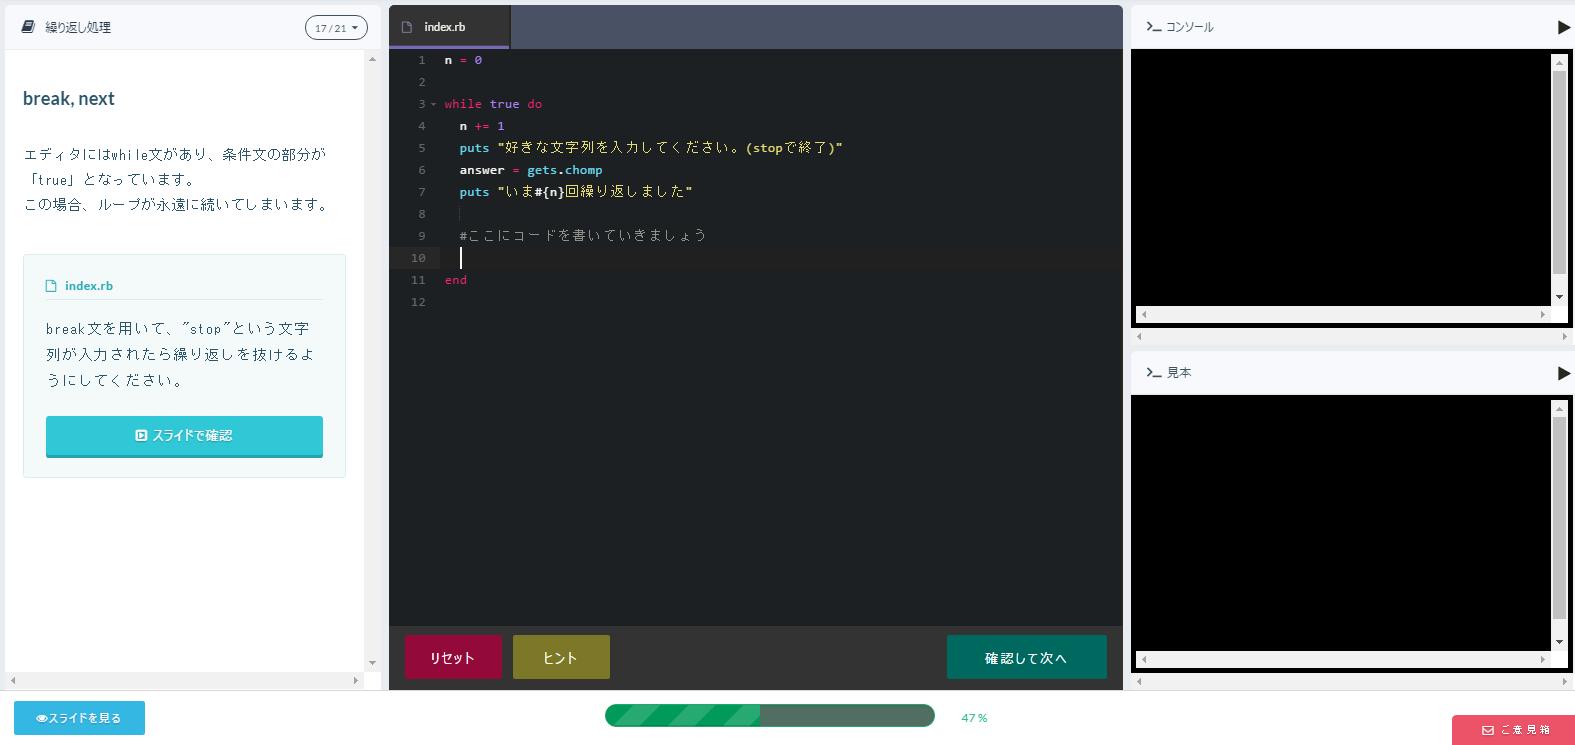 progate screenshot2.png